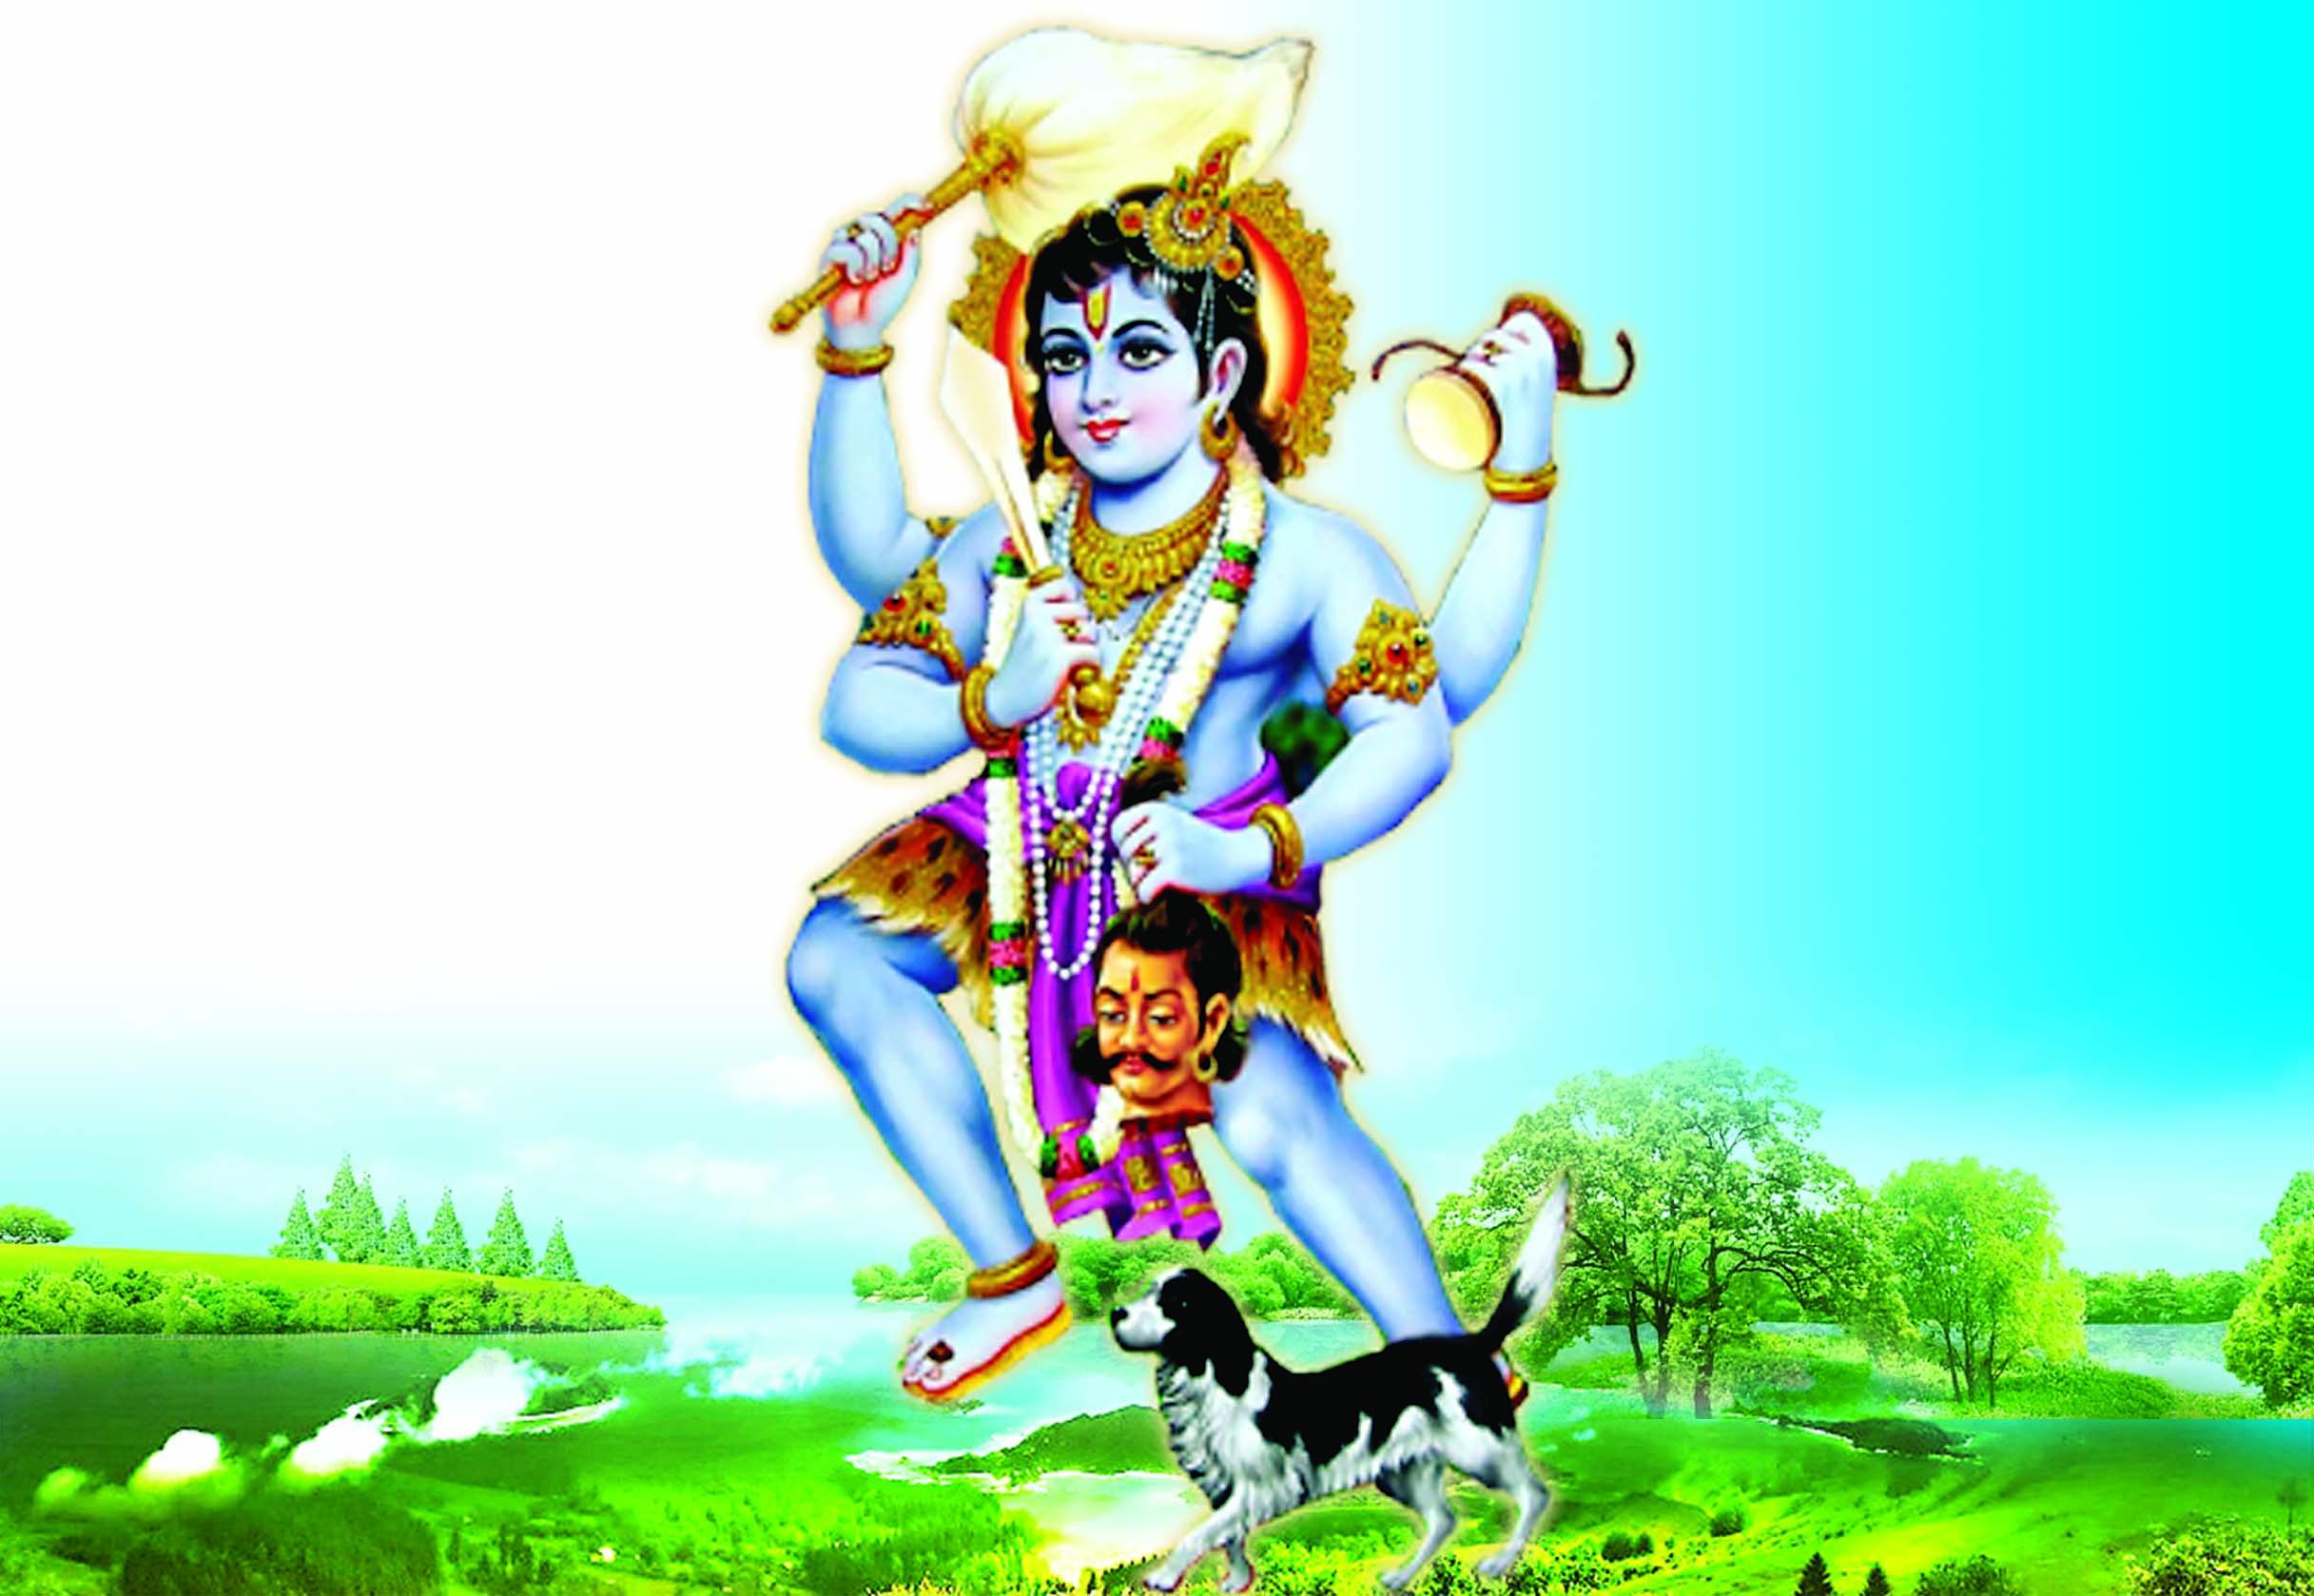 भोलेनाथ के भैरव रूप को समर्पित है कालाष्टमी